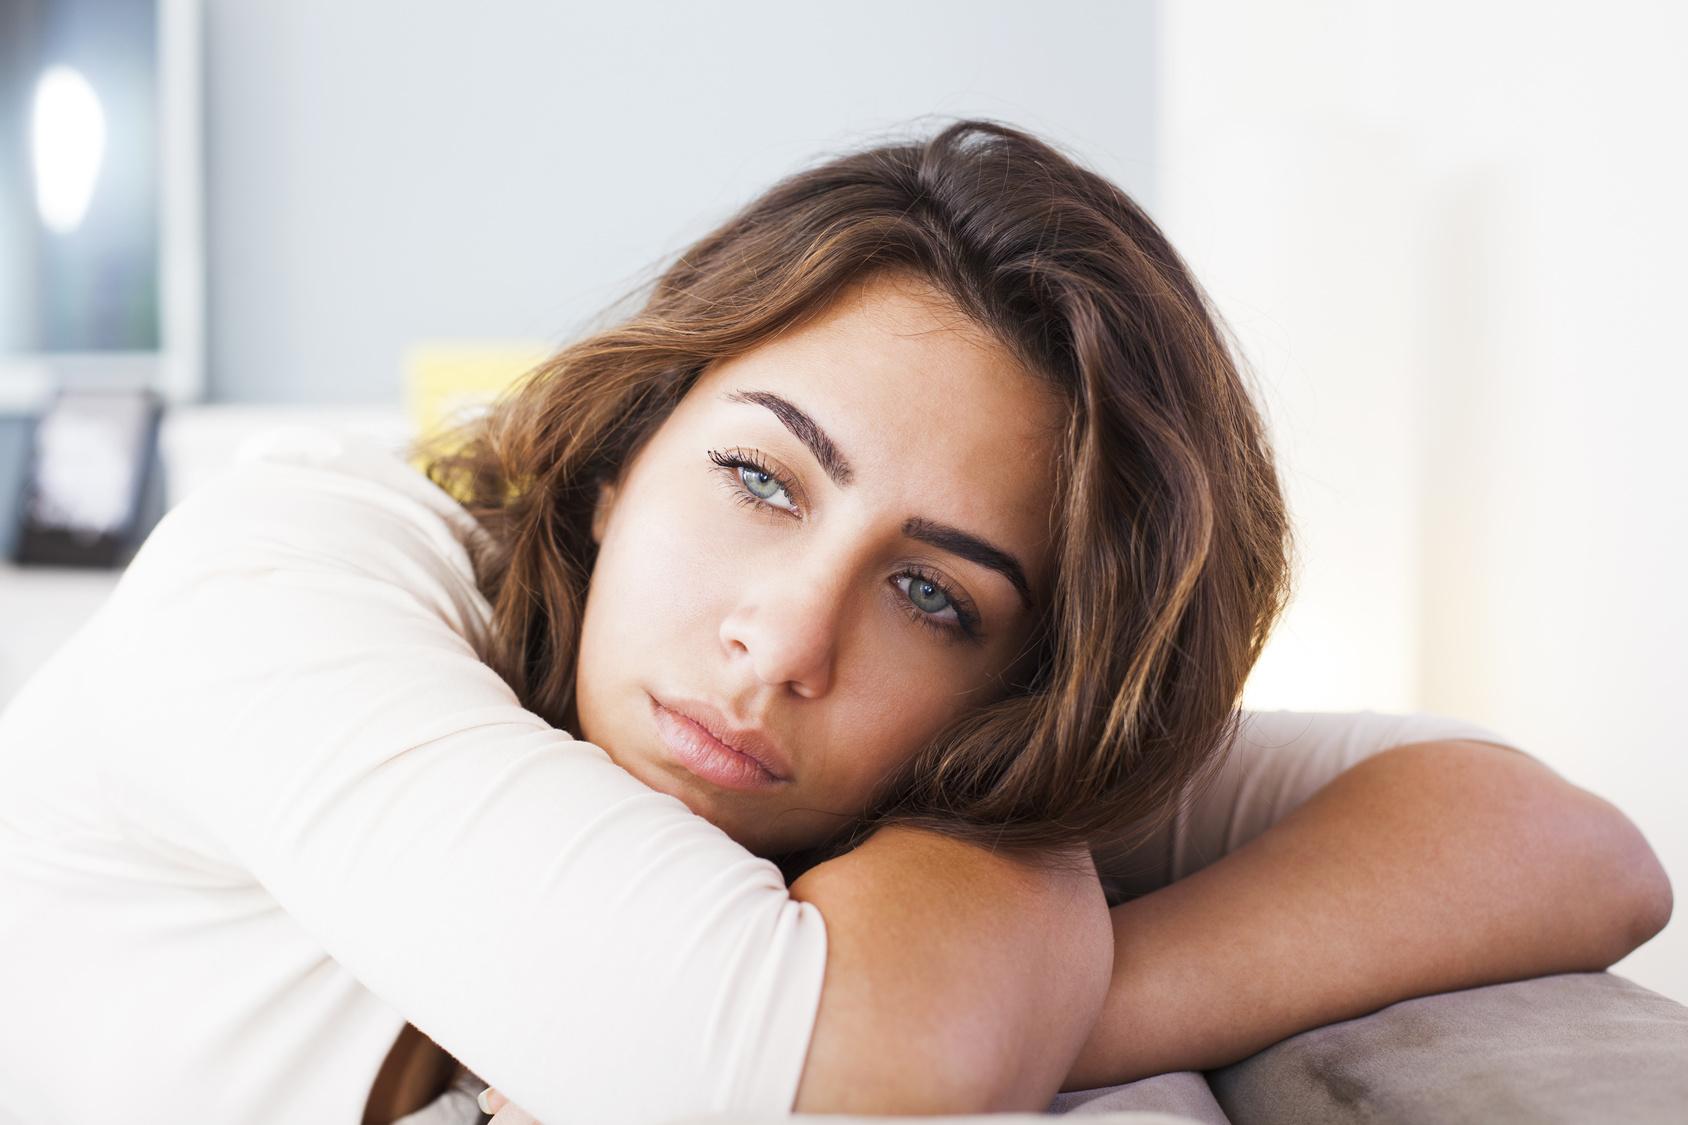 La fausse couche en 4 questions laurence pernoud - Symptome d une fausse couche precoce ...